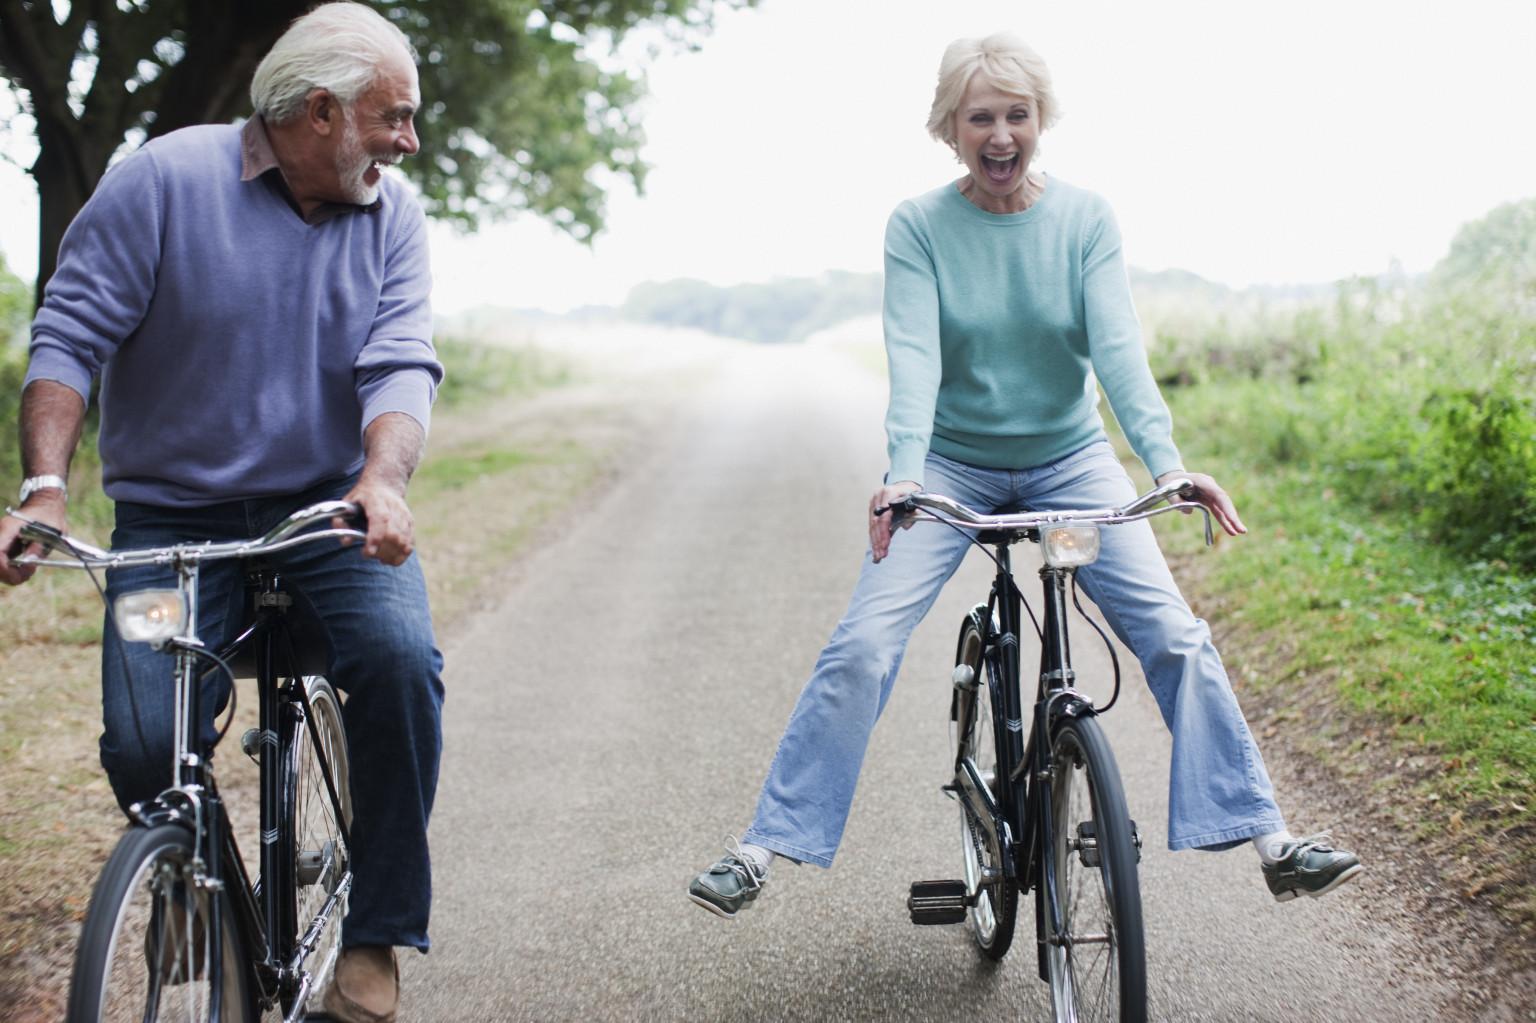 Vyresniame amžiuje daugelis žmonių jau yra praradę sugebėjimą norėti, svajoti, džiaugtis, tačiau yra įpratę dirbti ir nebemoka tiesiog atsipalaiduoti. (shutterstock.com nuotr.)